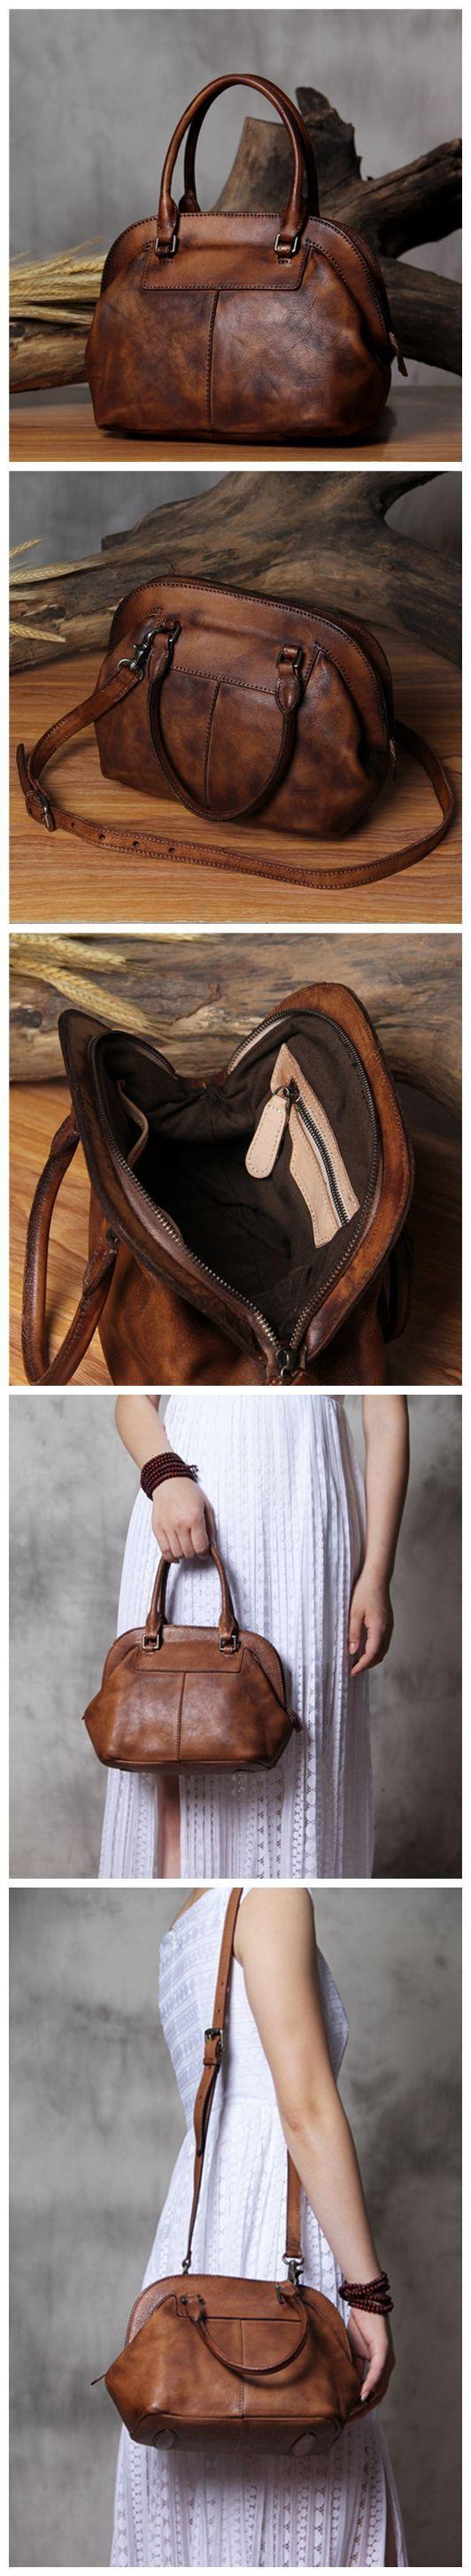 Handmade Genuine Leather Women's Fashion Tote Handbag Shoulder Bag Messenger in Vintage Brown 14120